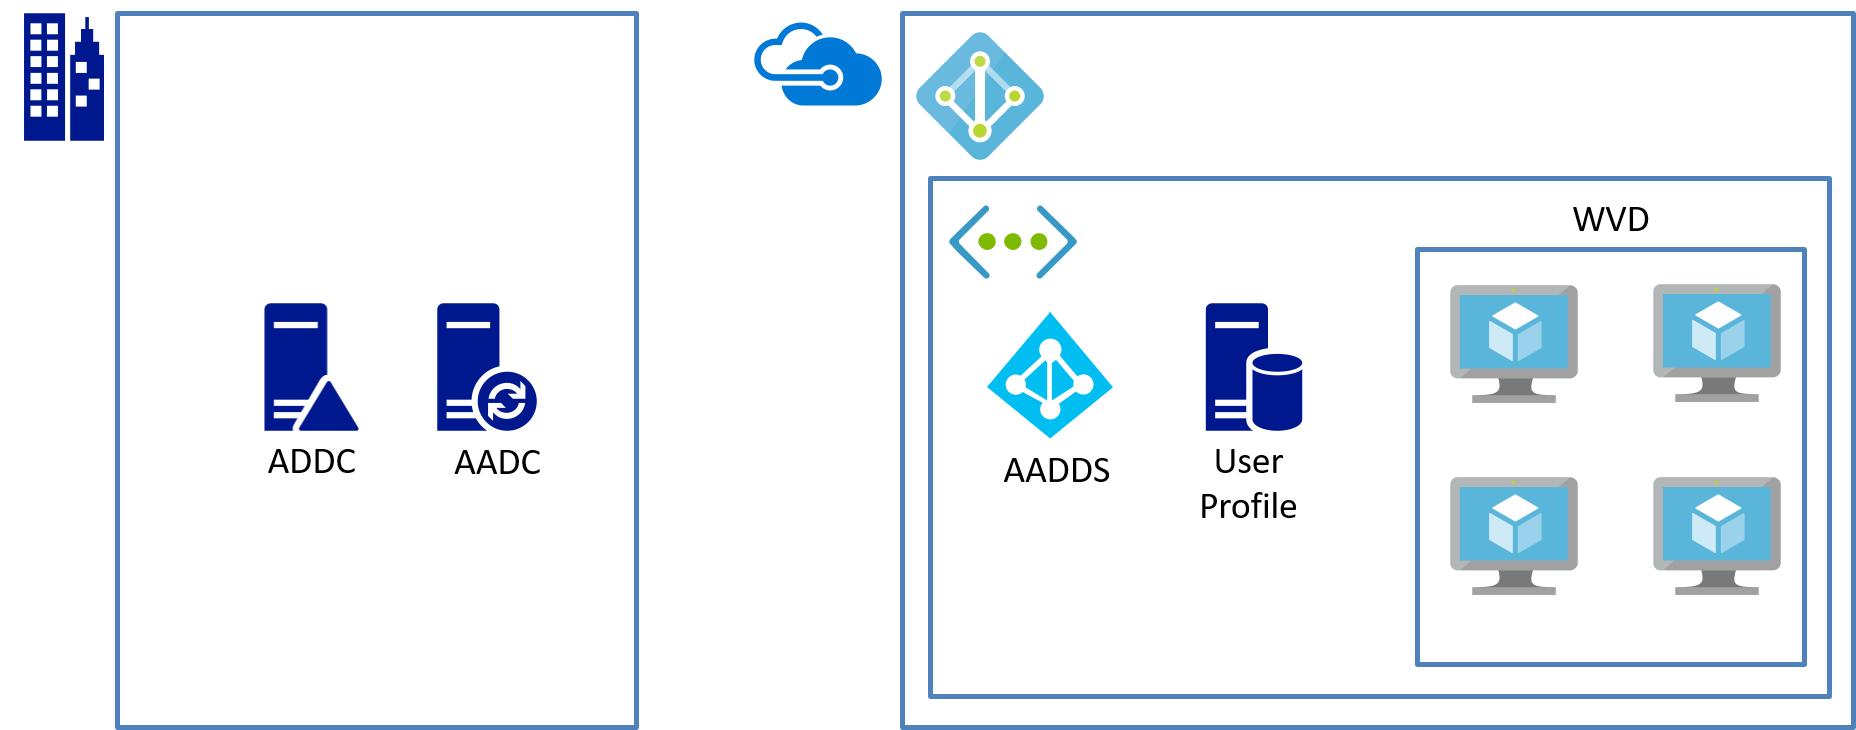 オンプレミスのADと同期し、AADDSで認証を行う構成パターンイメージ